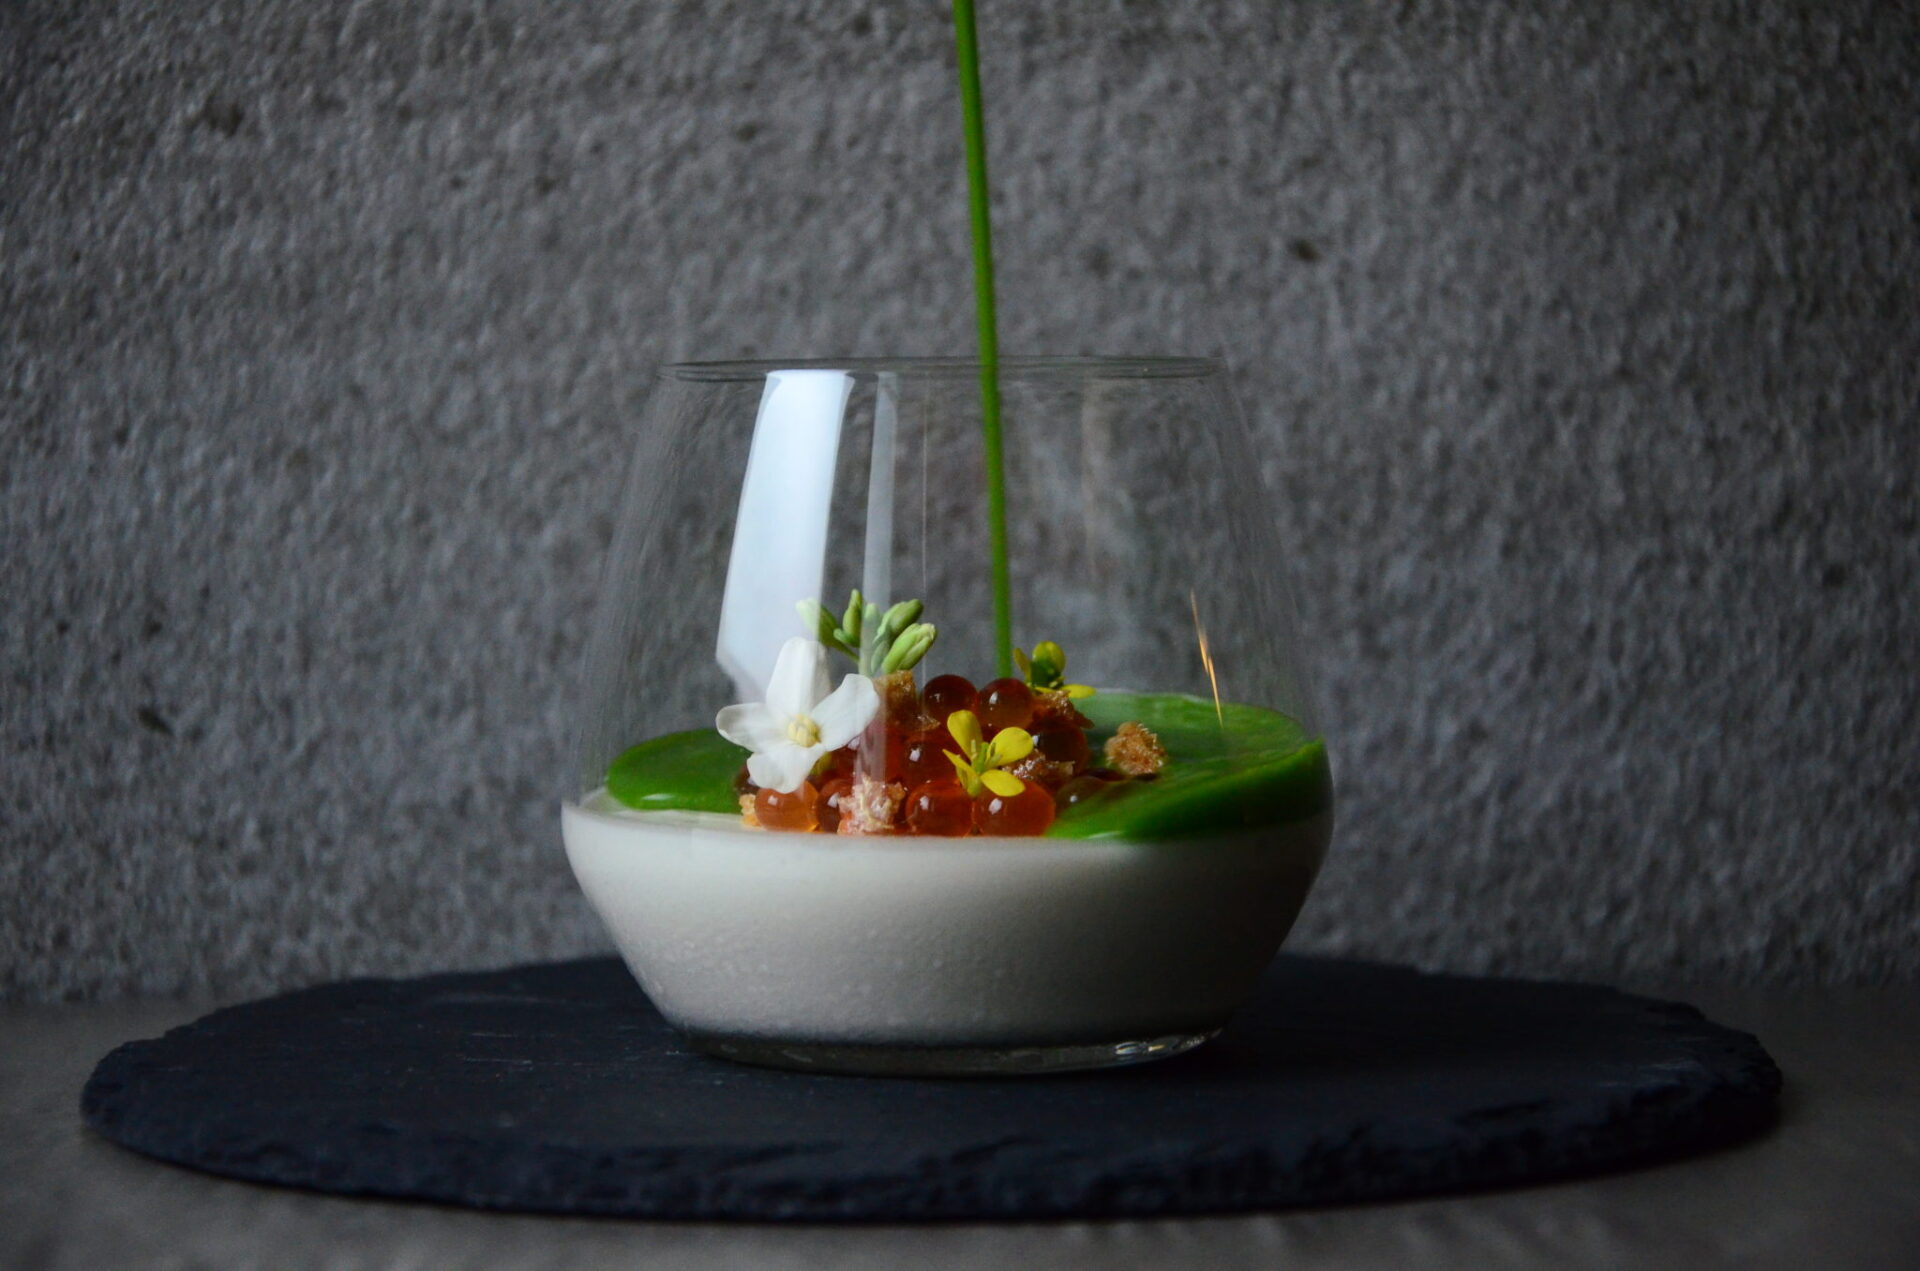 五感を刺激してくれる食のエンターテイメントBAM!タンジョンパガーで堪能する洋と日本酒のペアリングコース